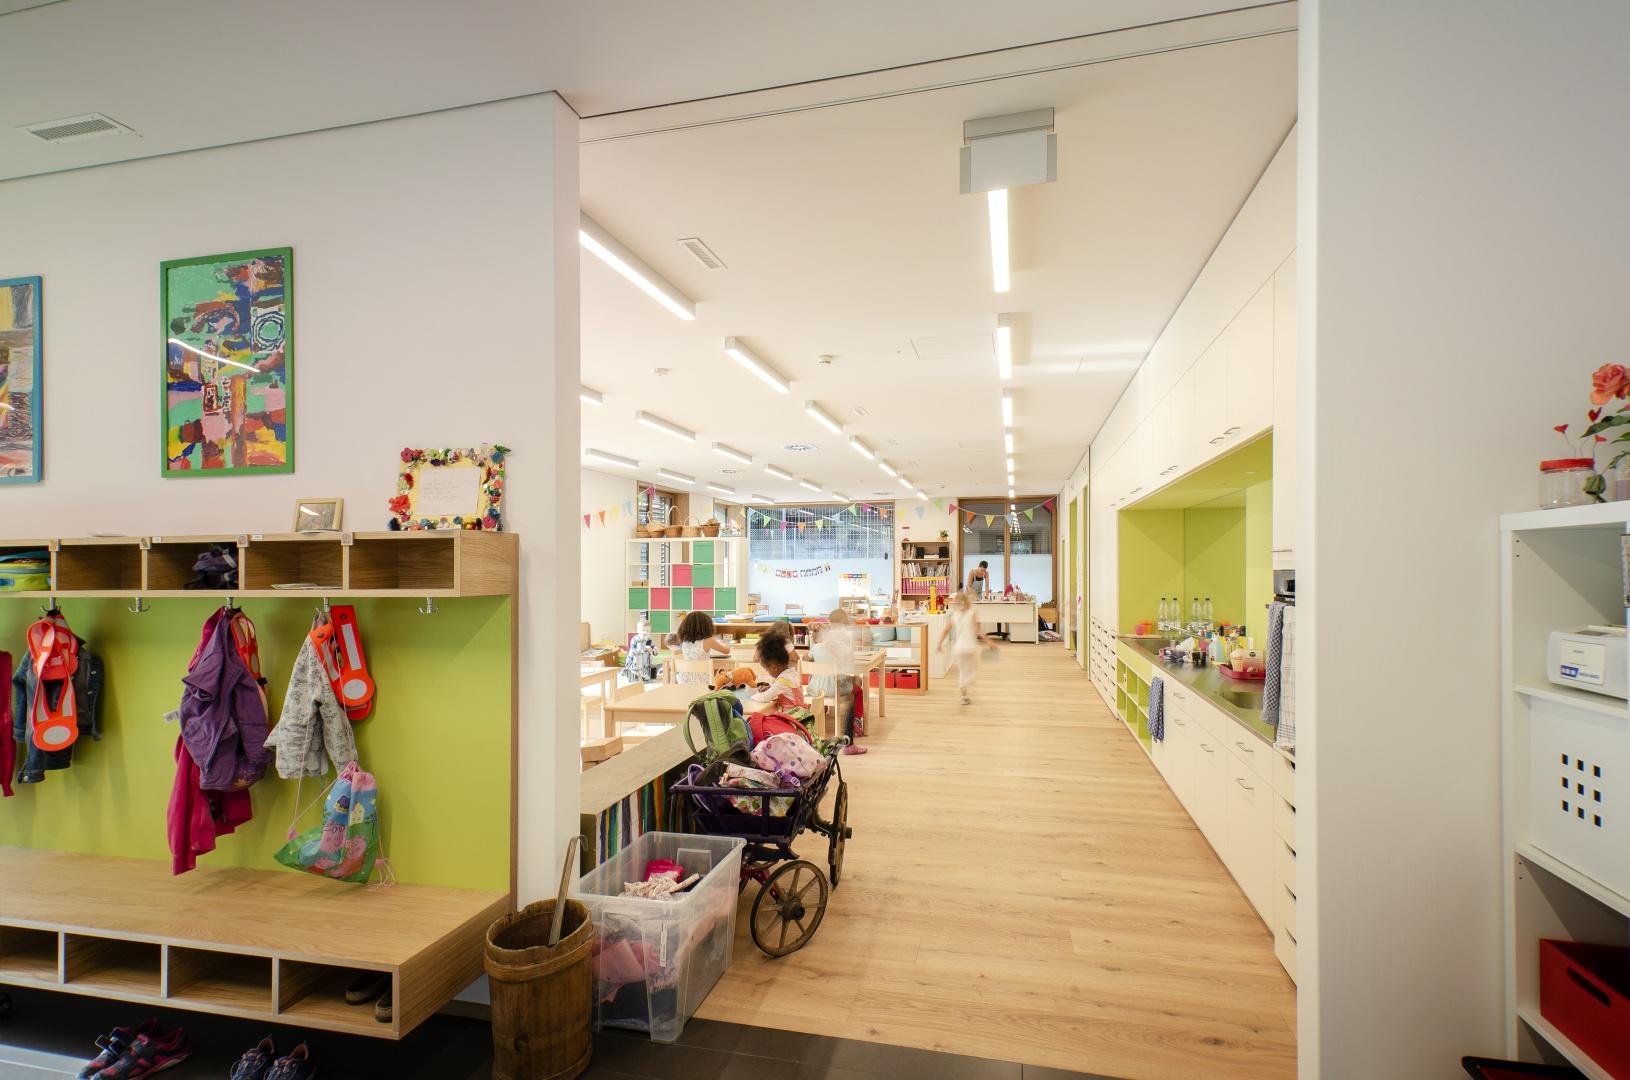 Kindergarten © Fanzun AG, Salvatorenstrasse 66, 7000 Chur